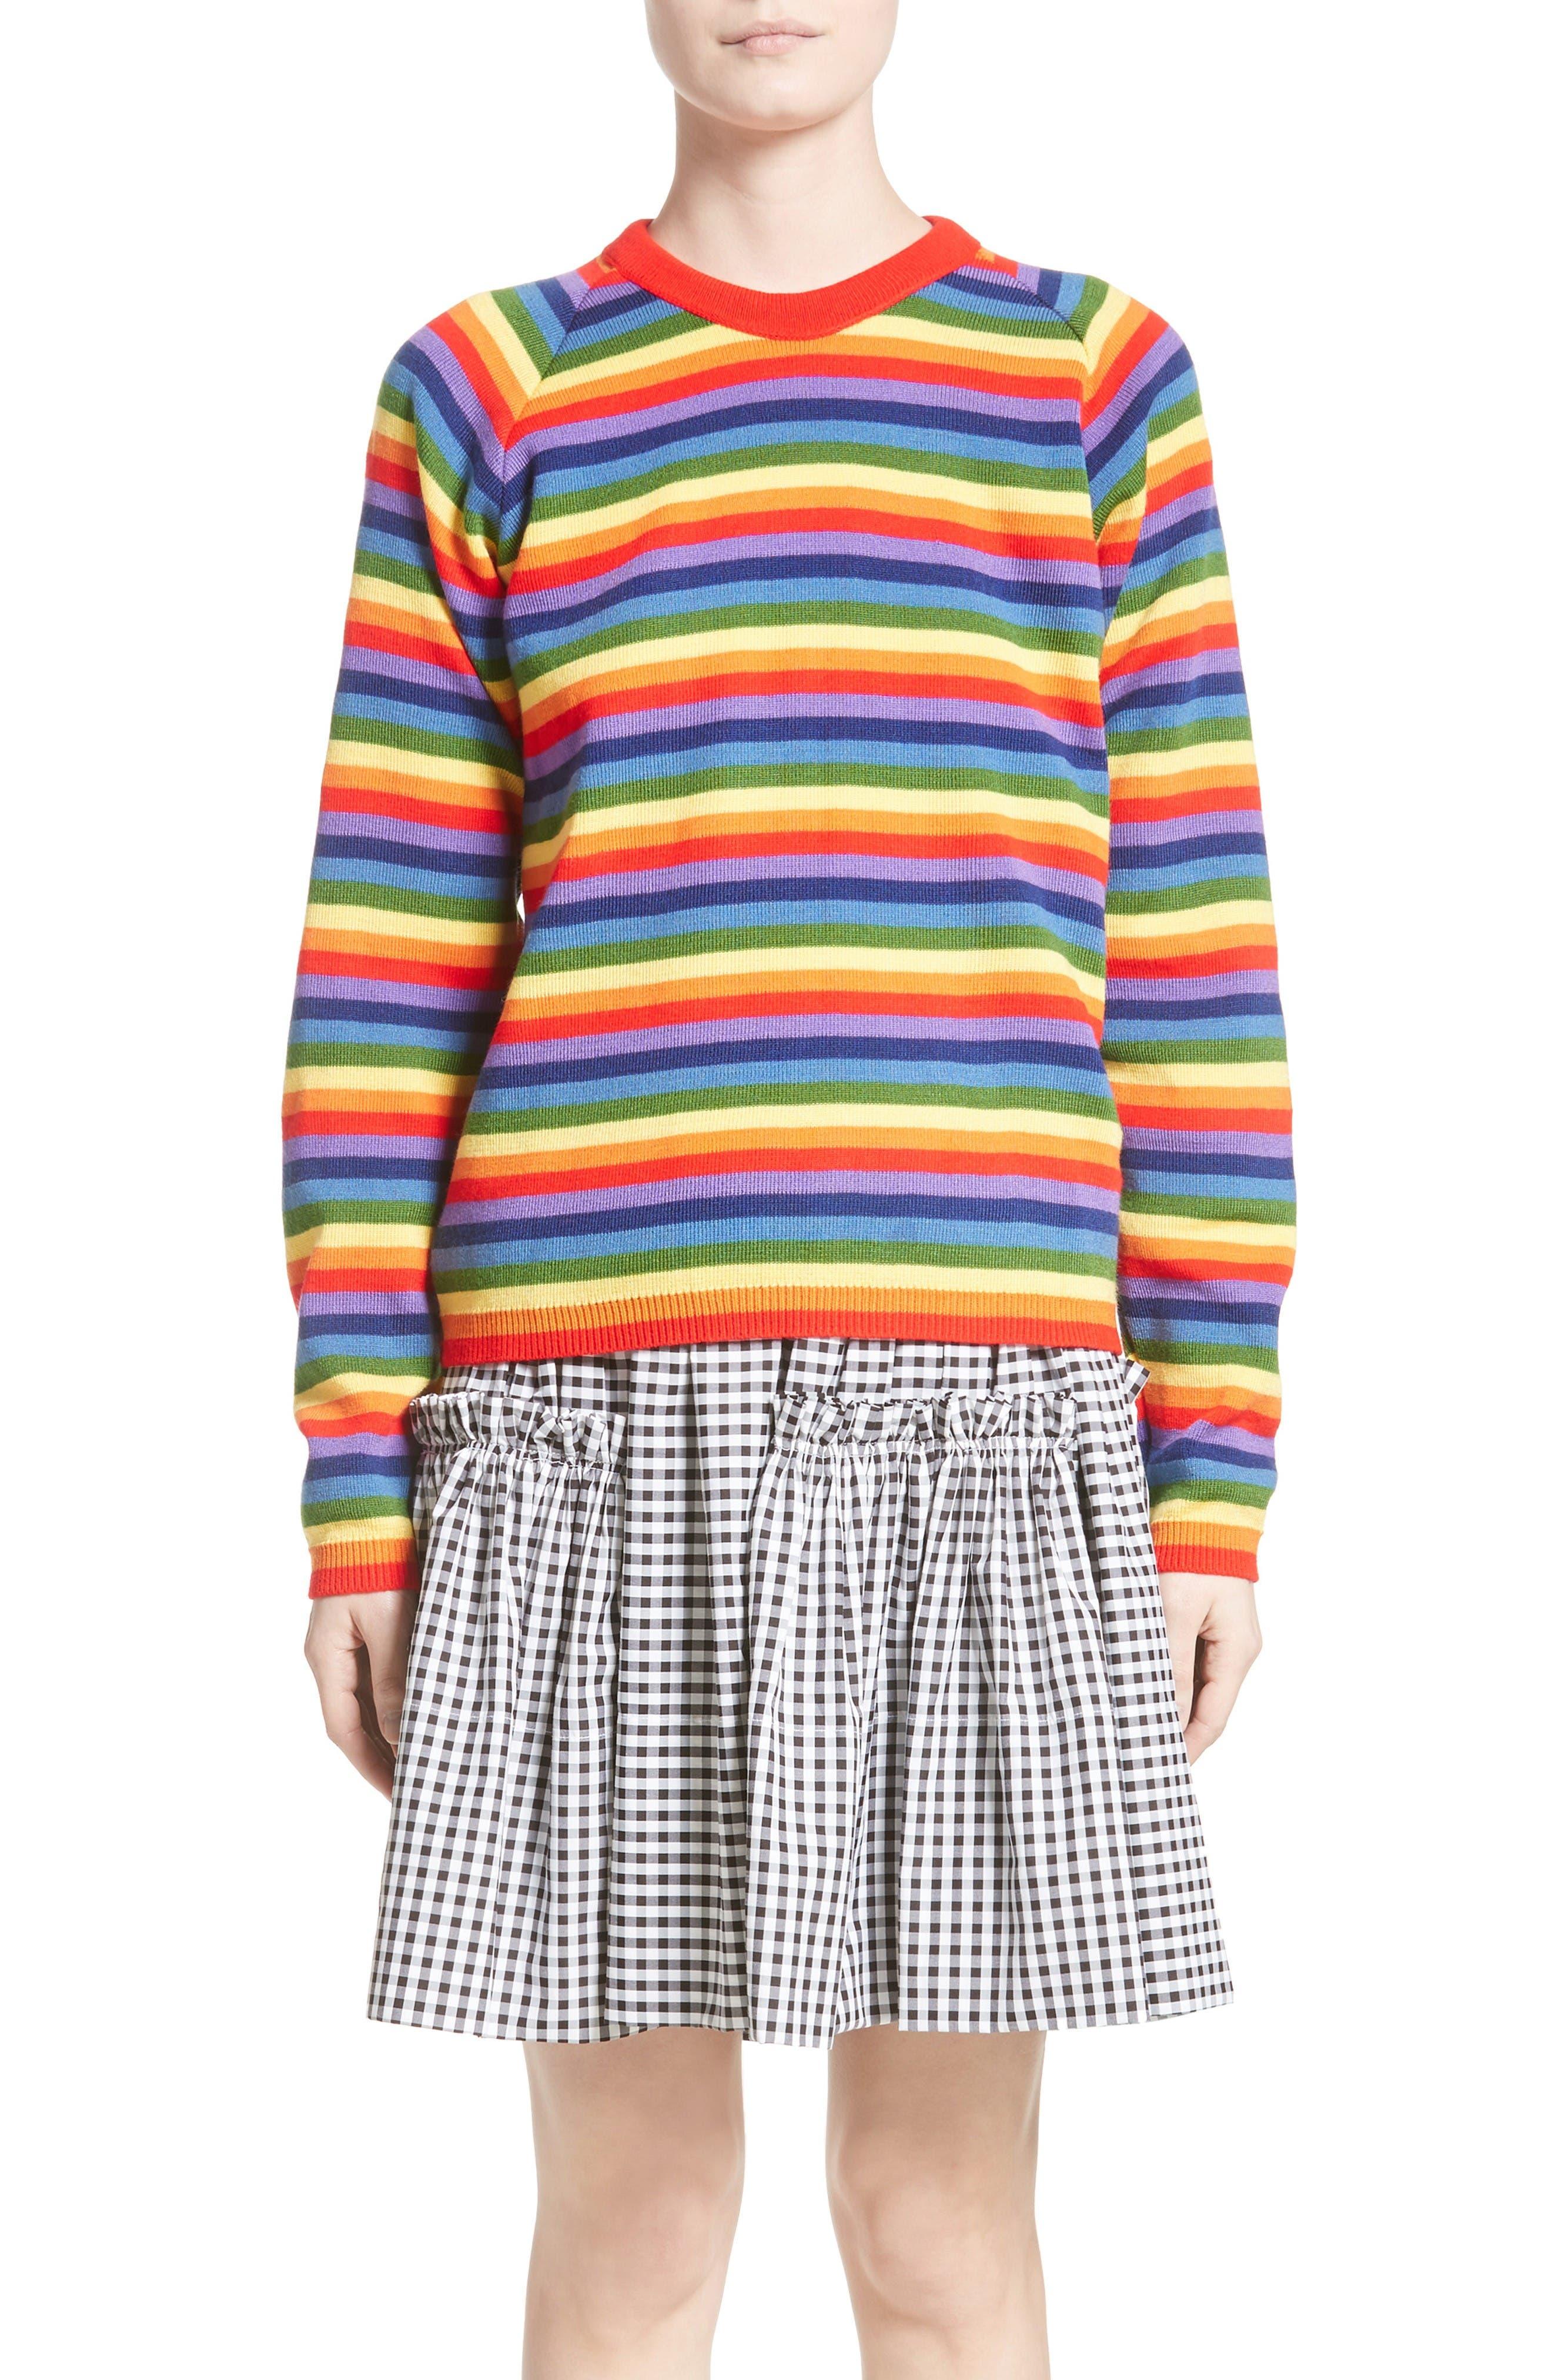 Charlie Rainbow Sweater,                             Main thumbnail 1, color,                             Rainbow